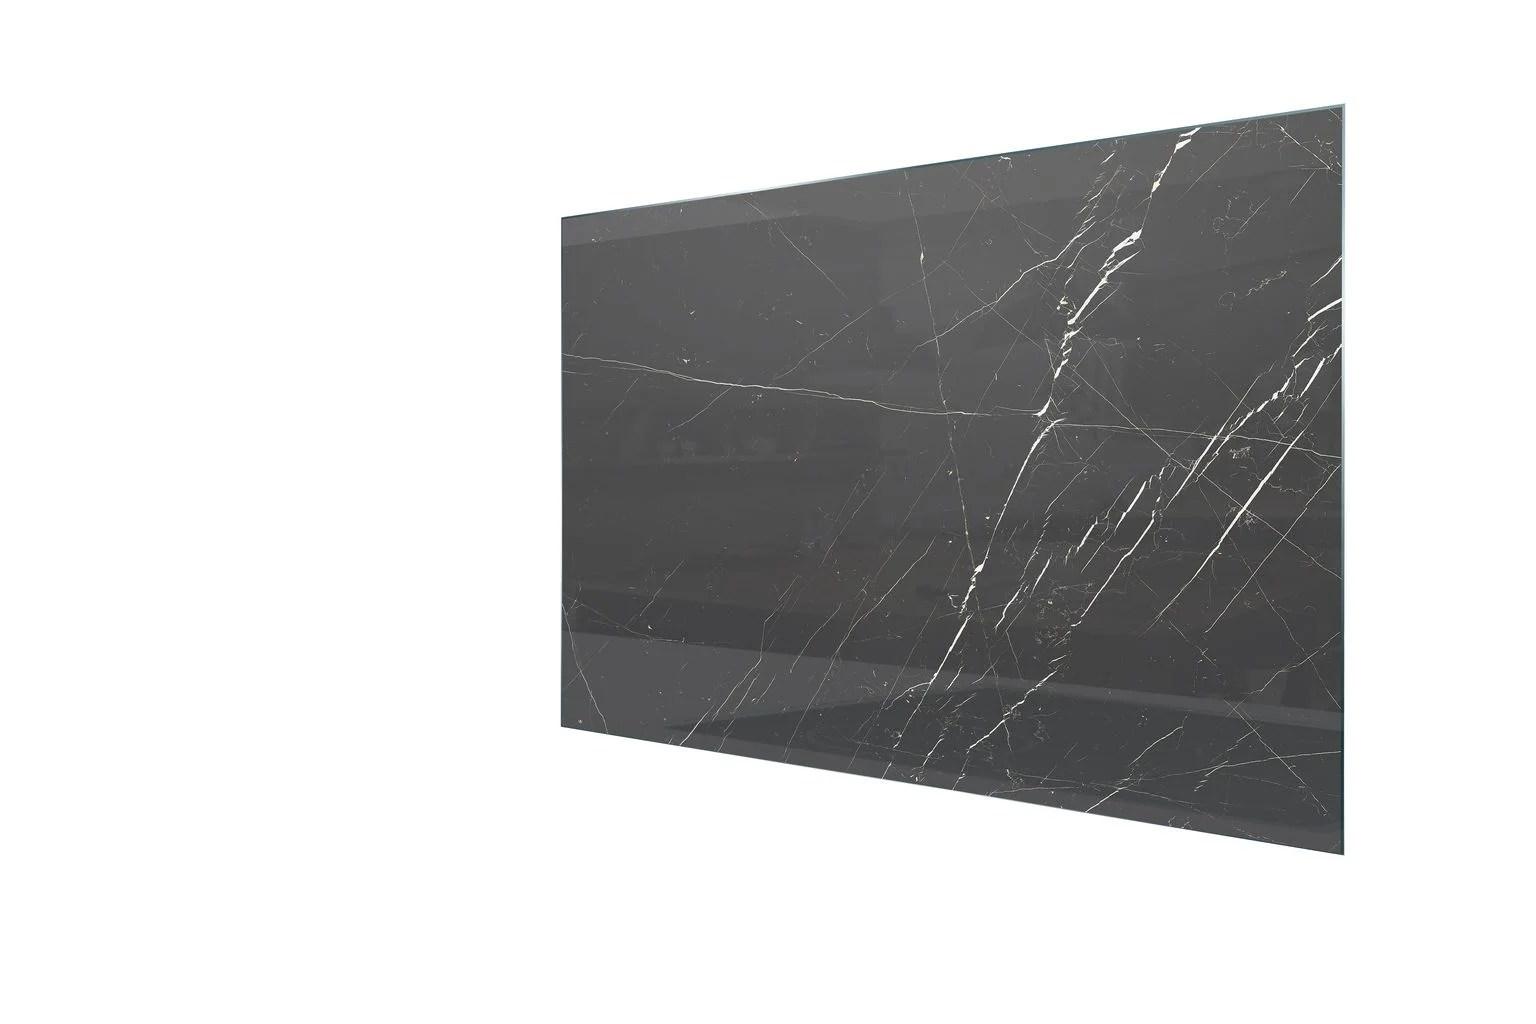 fond de hotte verre trempe effet marbre noir brillant h 70 cm x ep 5 mm x l 90 c